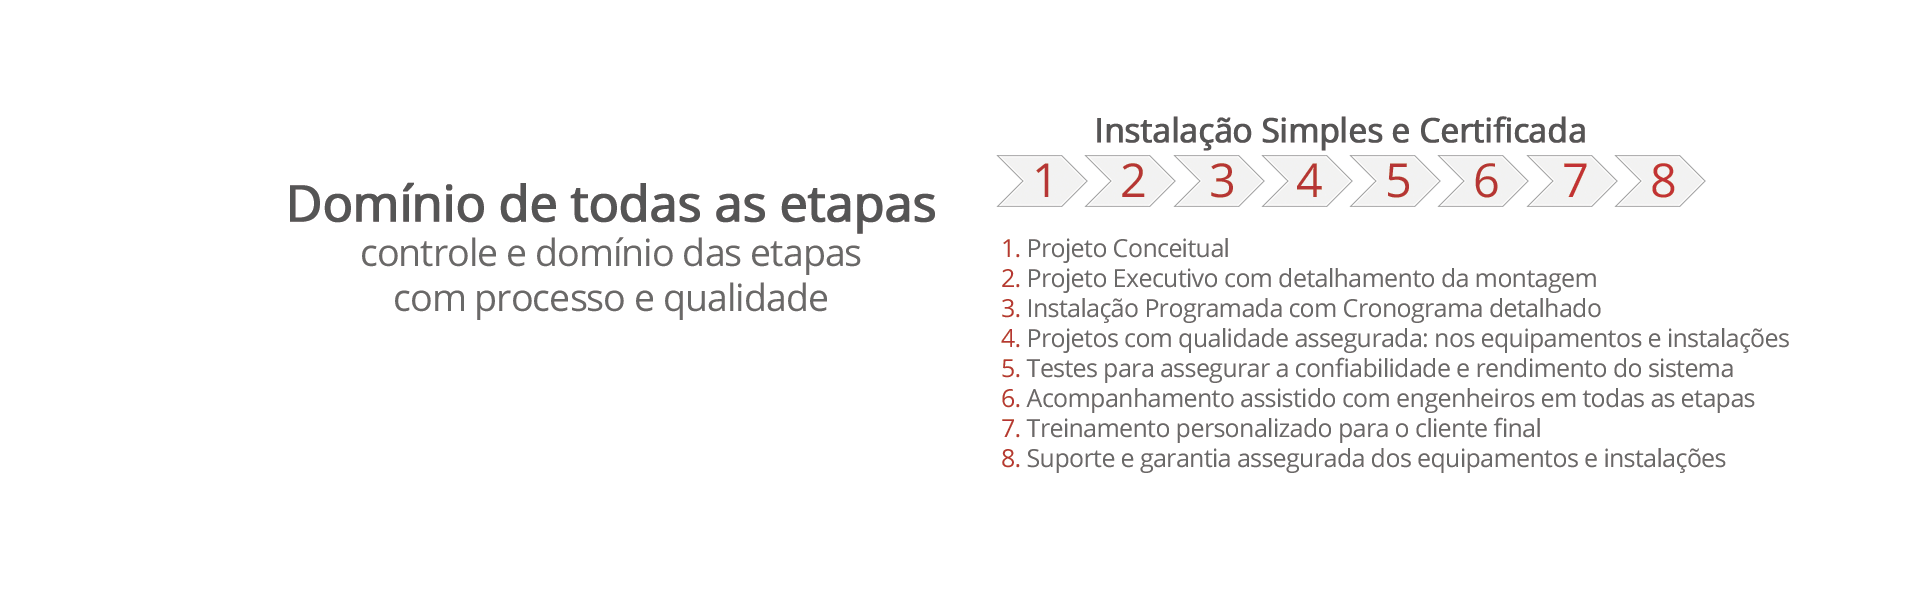 etapas-OlusAmerica